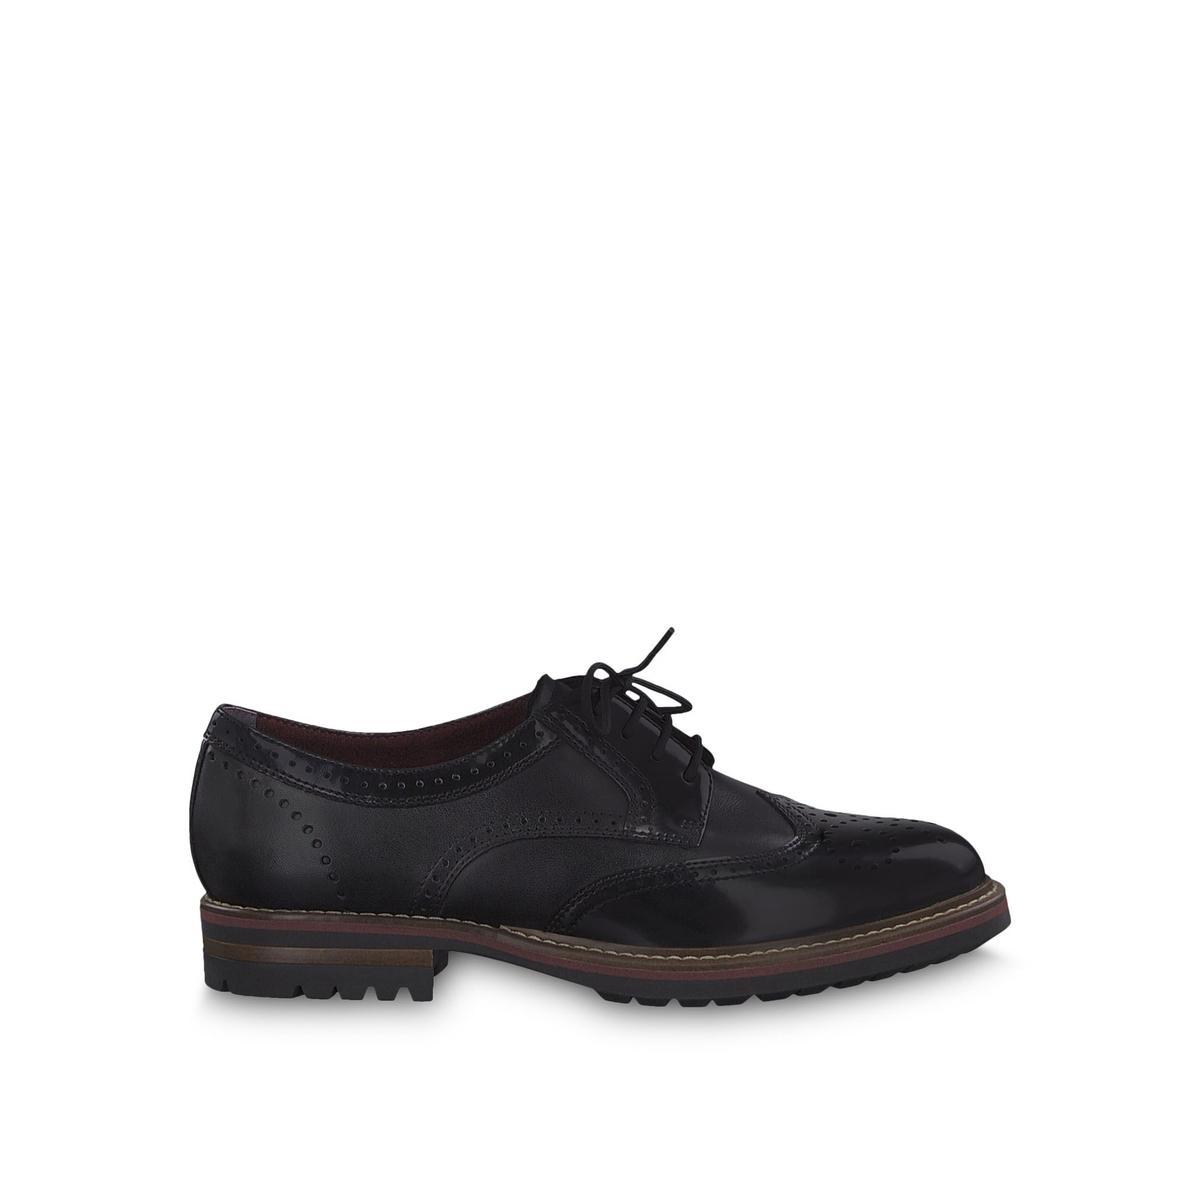 Ботинки-дерби La Redoute Кожаные Jenna 41 черный цена